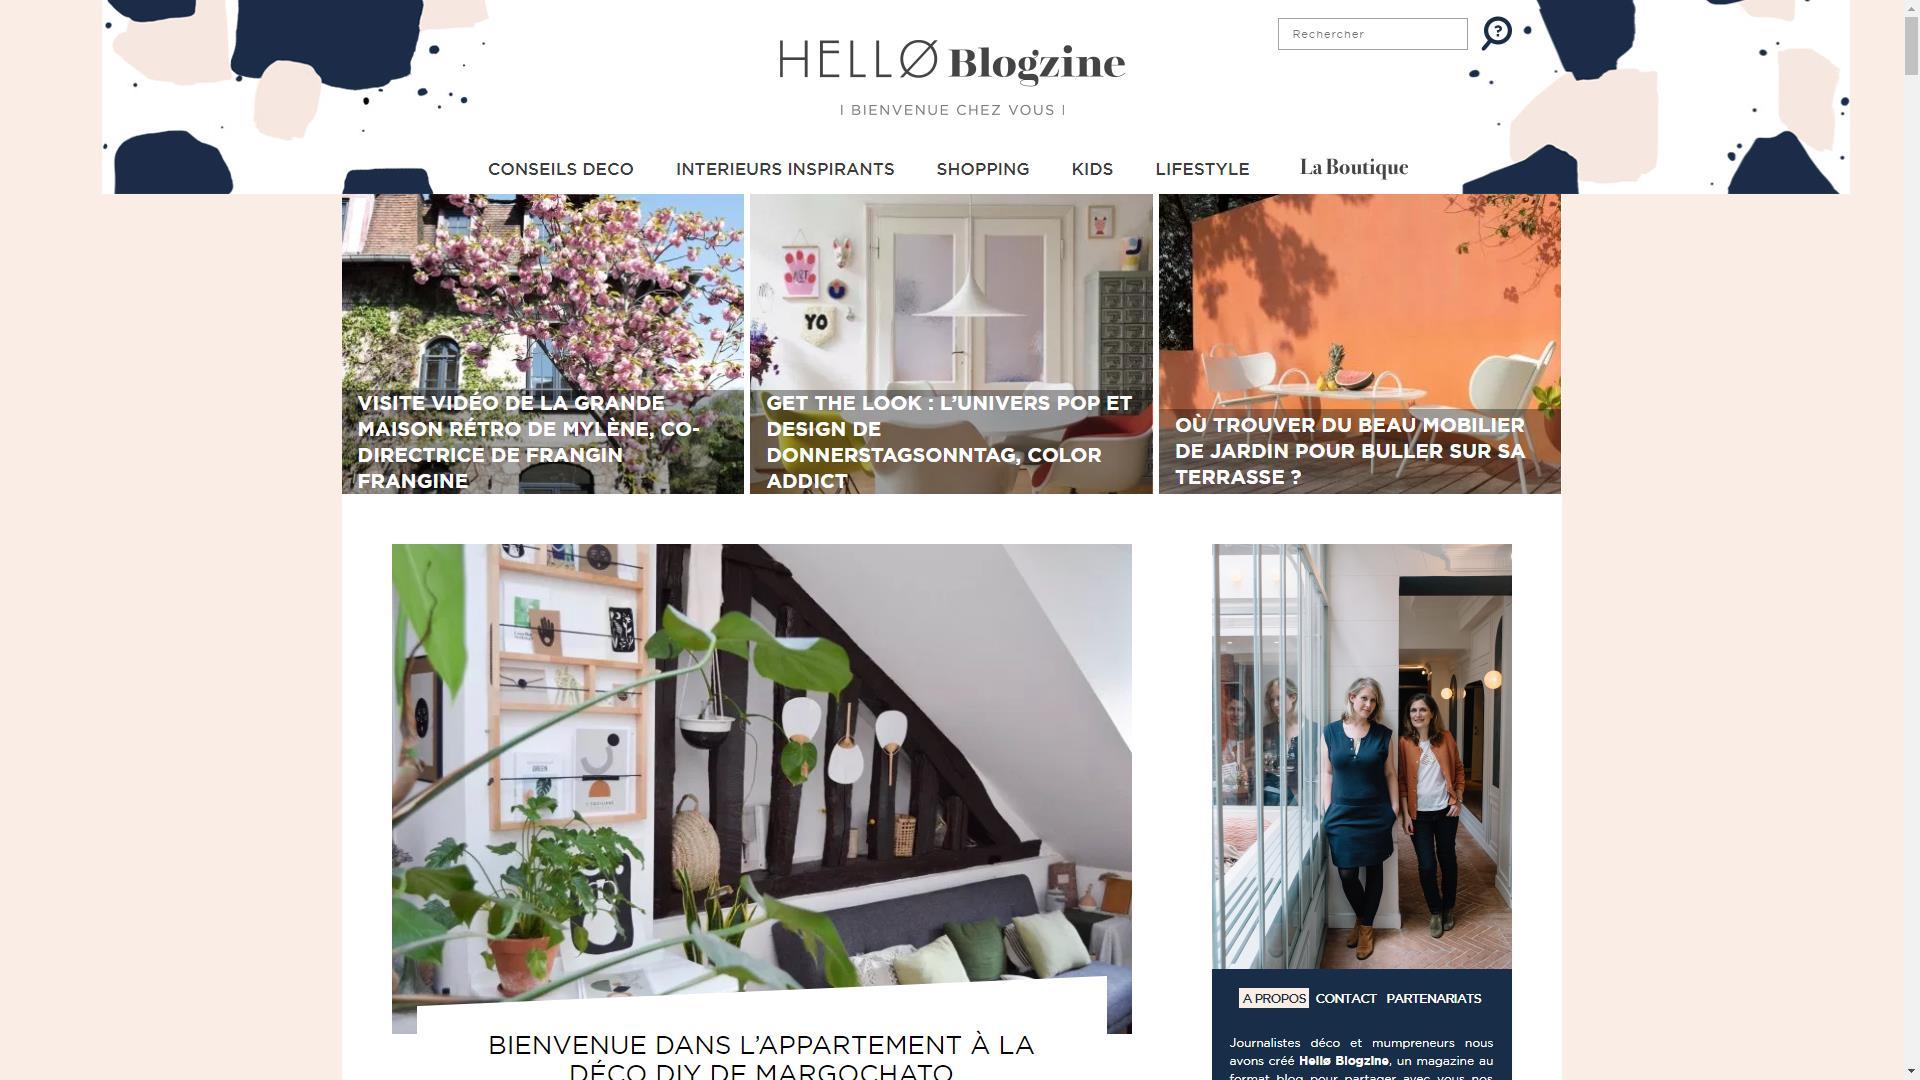 Page d'accueil du blog déco Hello Blogzine